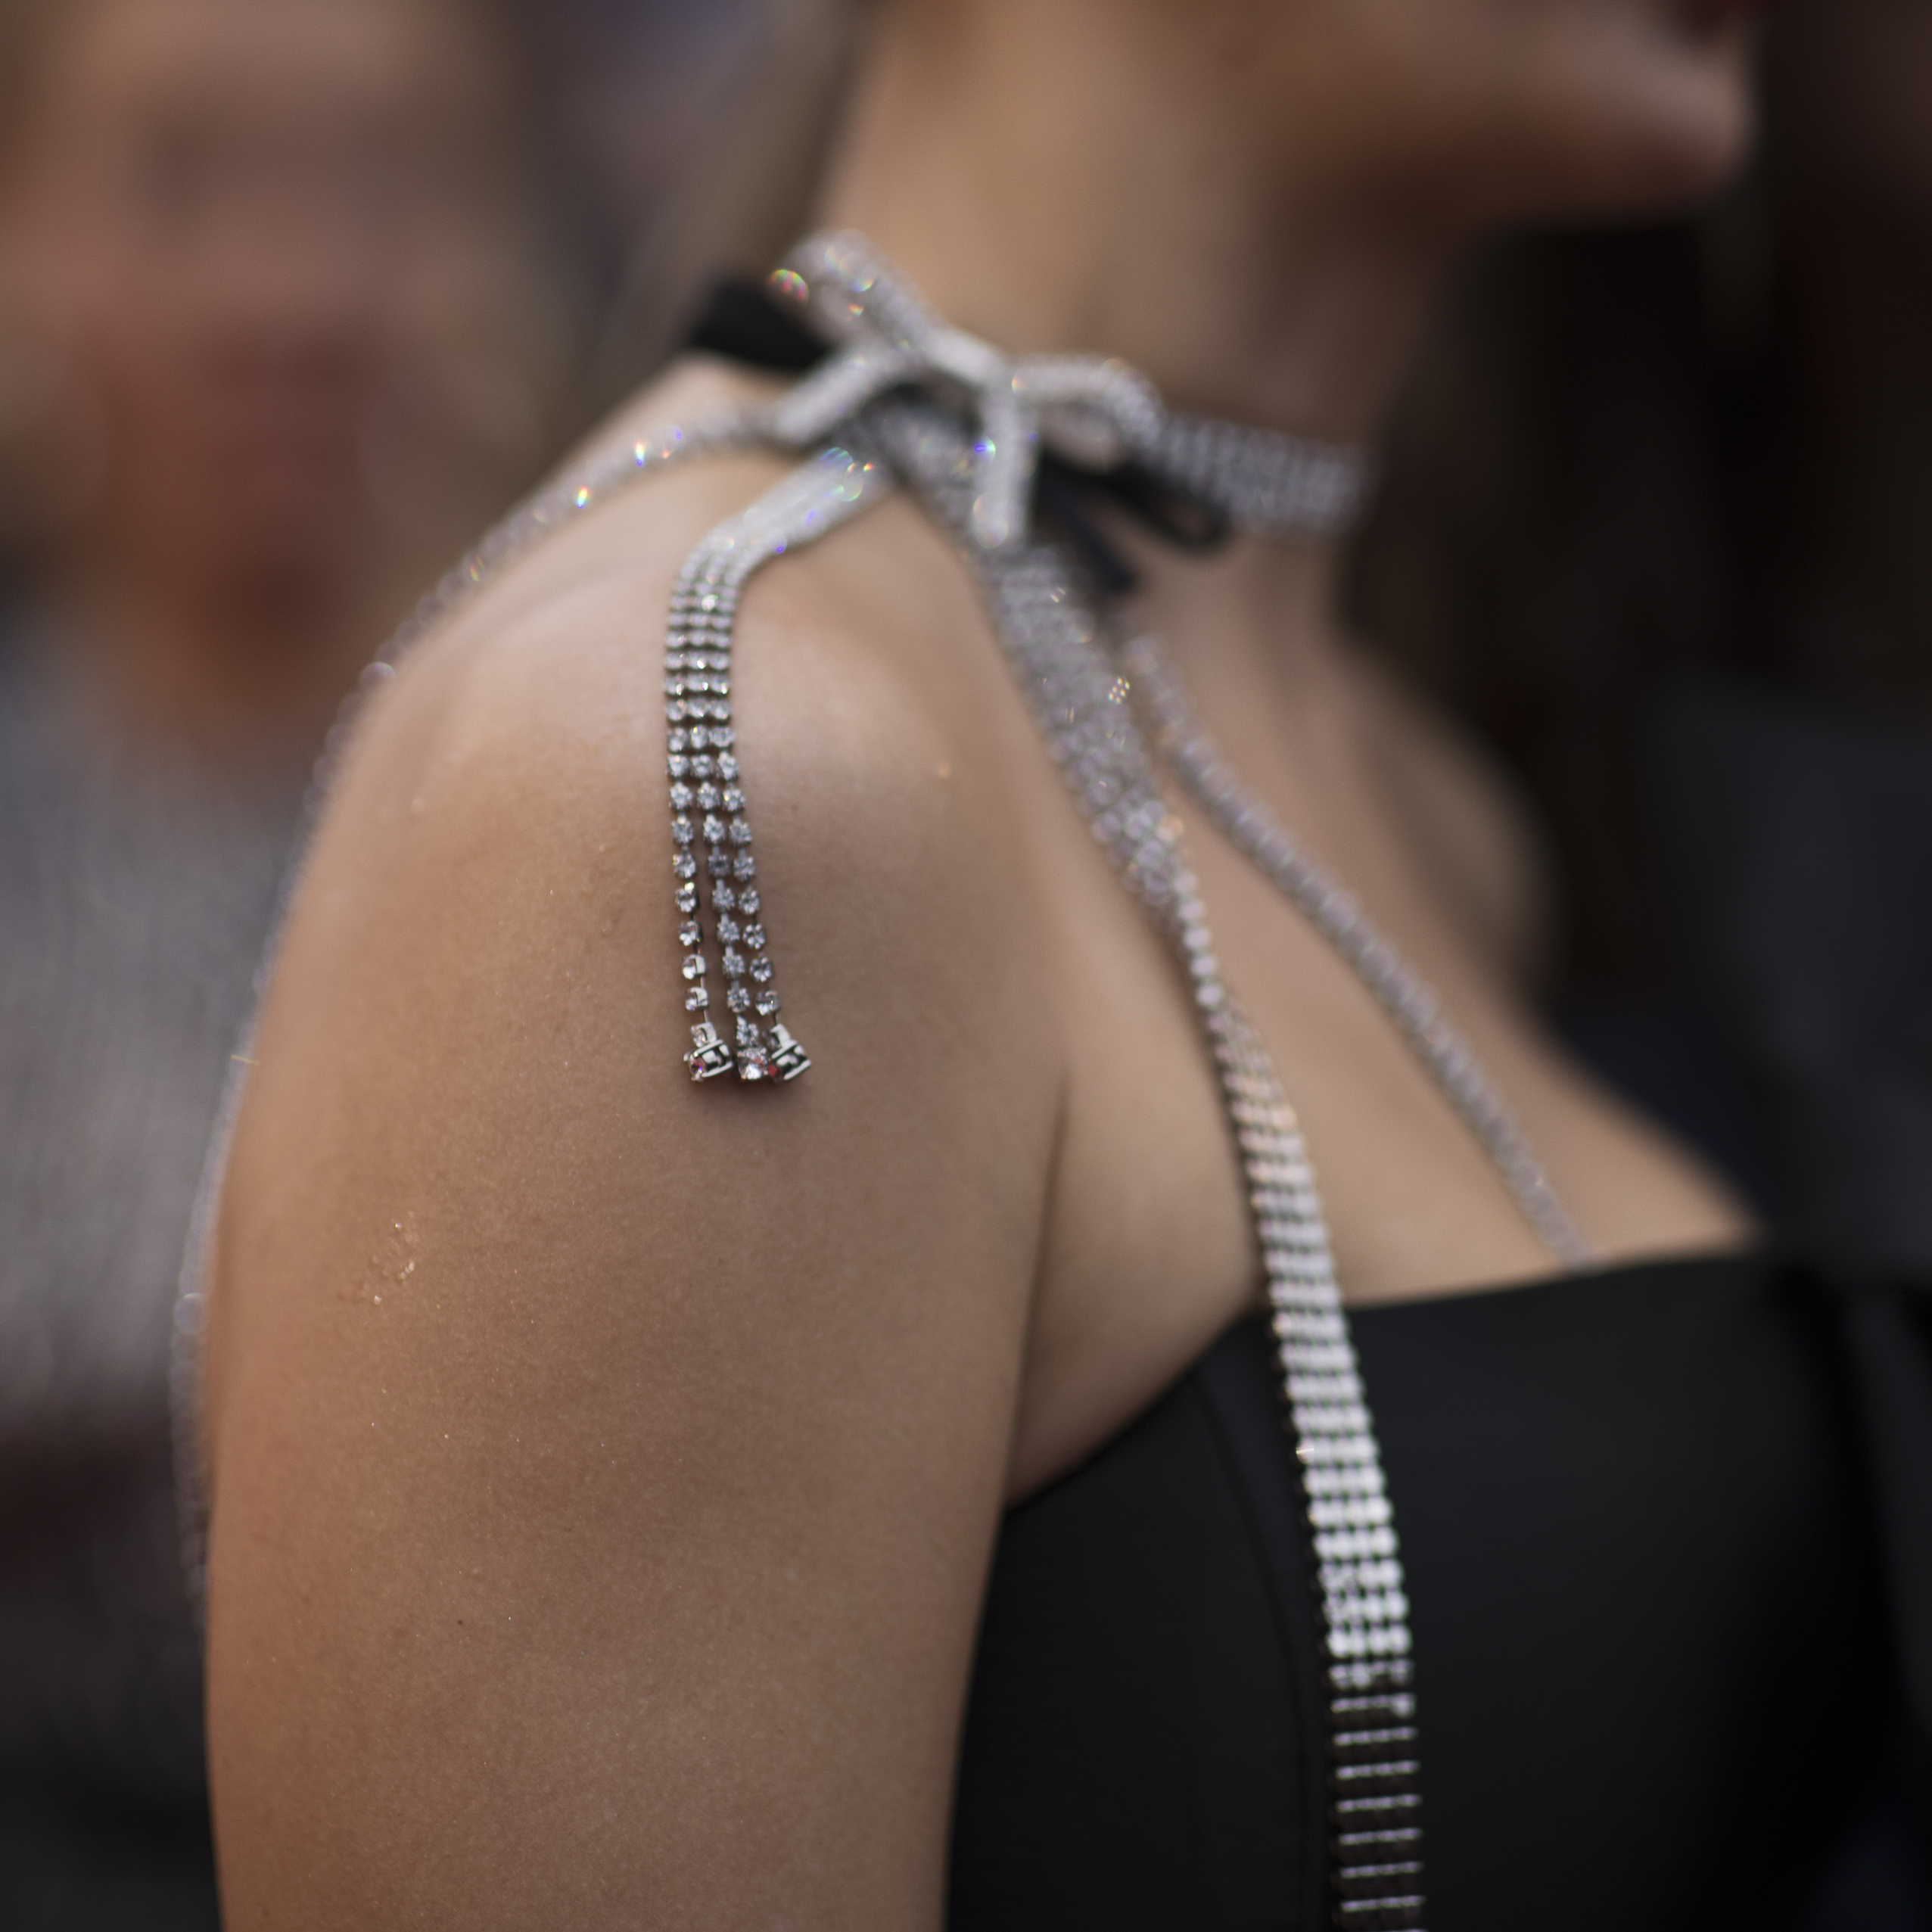 """Detalle en el vestido de una mujer que posa al llegar al estreno de """"A Hidden Life"""". (Foto: AP/Petros Giannakouris)"""